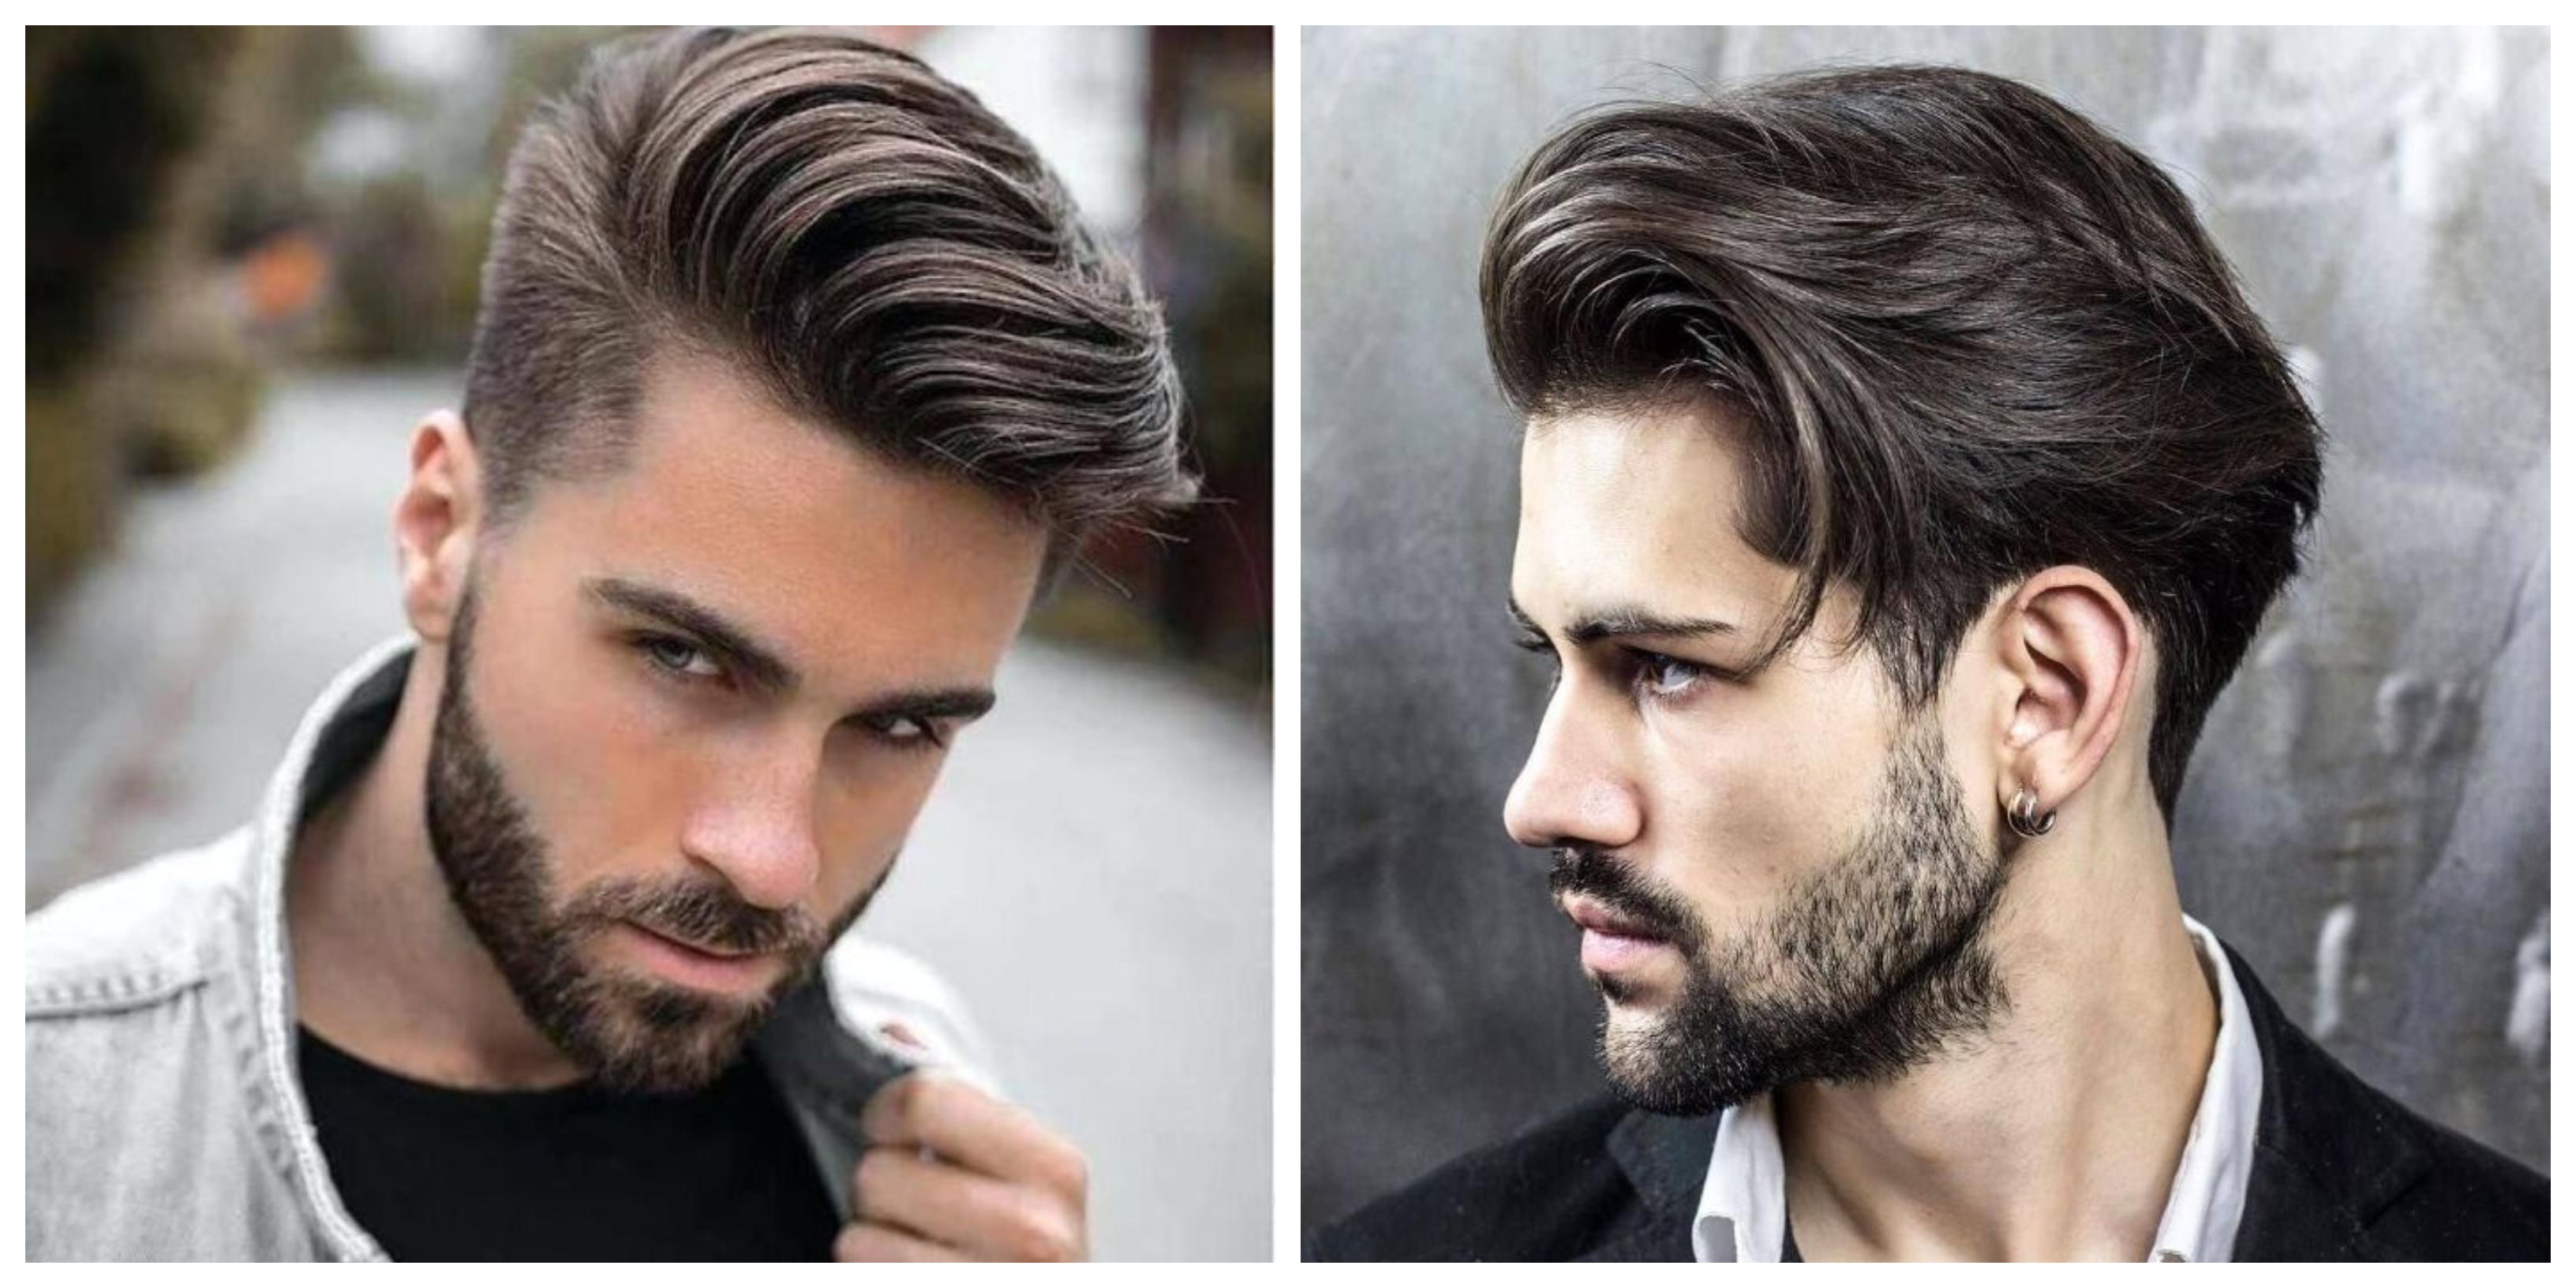 halblange haare, hellbraun vs dunkelbraun, moderne männerstyle ideen, jungs frisuren